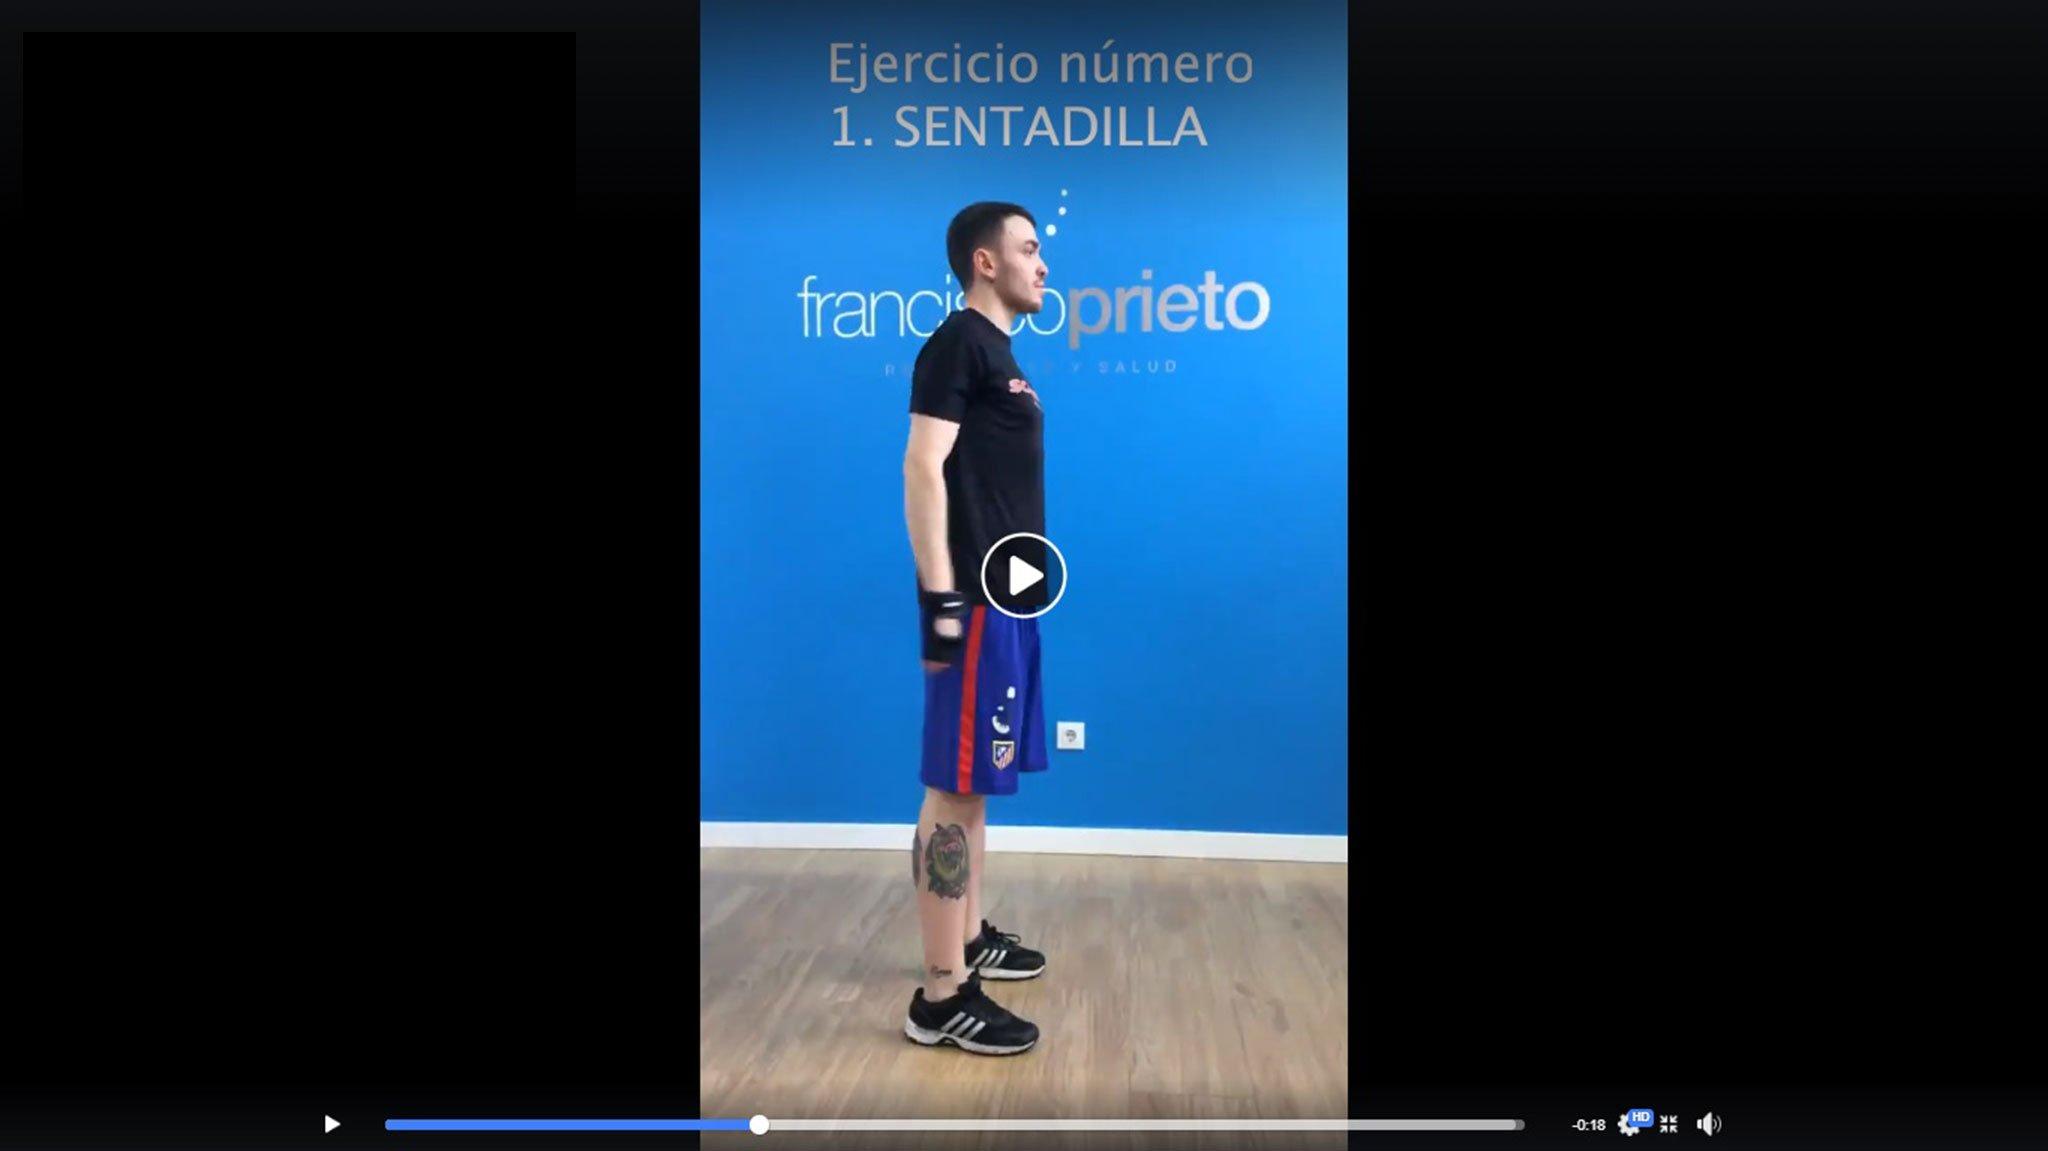 Франциско Прието Студия помогает вам, проводя тренировки, чтобы заботиться о вас во время карантина